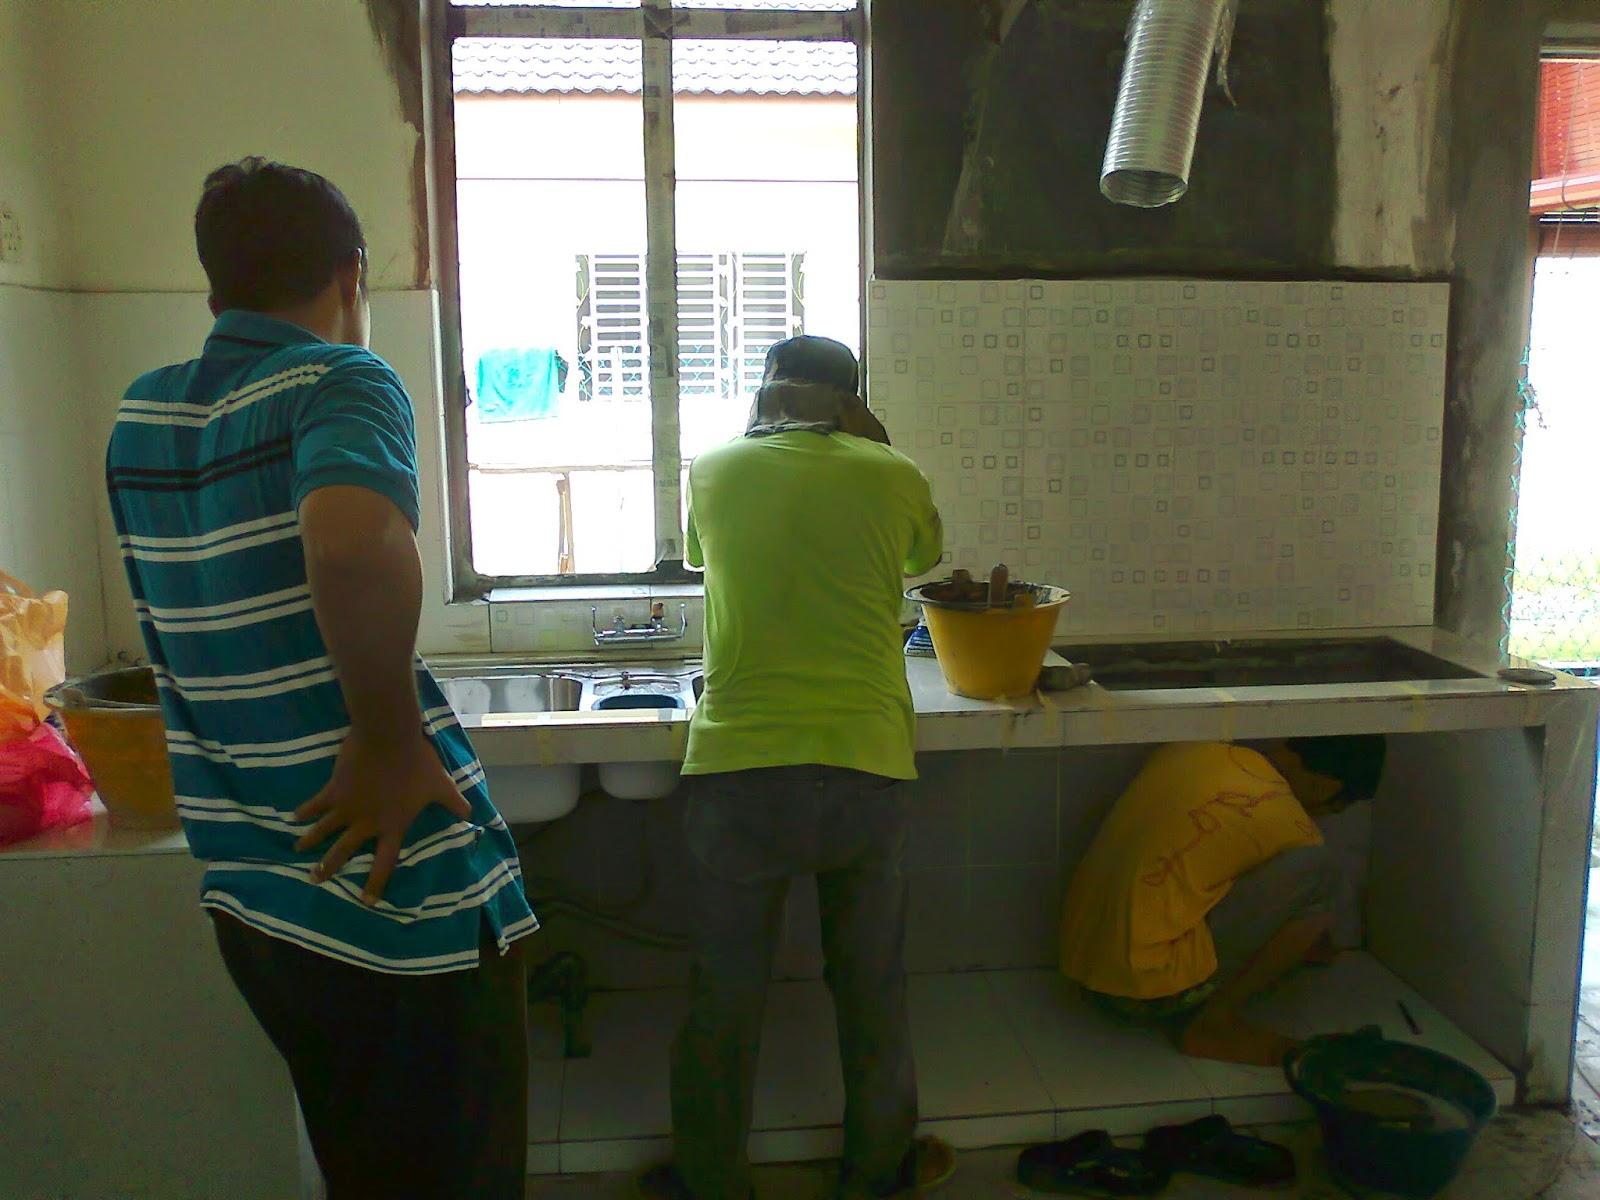 Dah Mula Nampak Kabinet Dapur Heee Masa Ni Saya Buat Keputusan Nak Tukar Konkrit Dengan Abang Mael Sebab Jimatkan Kos Alang2 Beli Bata